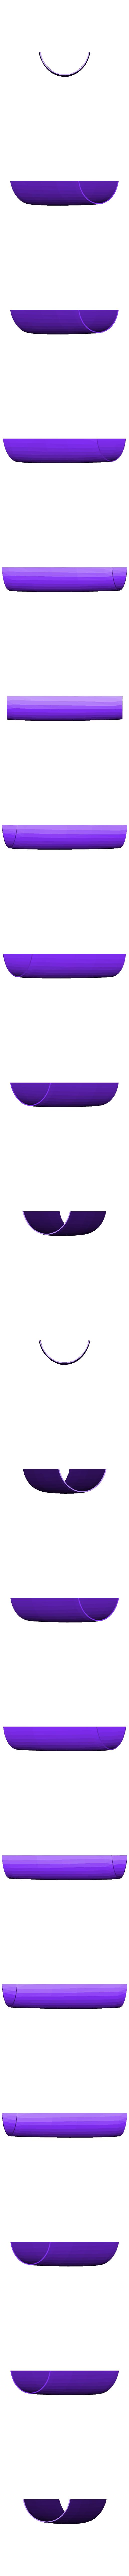 Fuse_shell_bottom.stl Télécharger fichier STL gratuit Planeur modulaire RC Sailplane entièrement imprimé en 3D. • Objet à imprimer en 3D, Georgemacghay